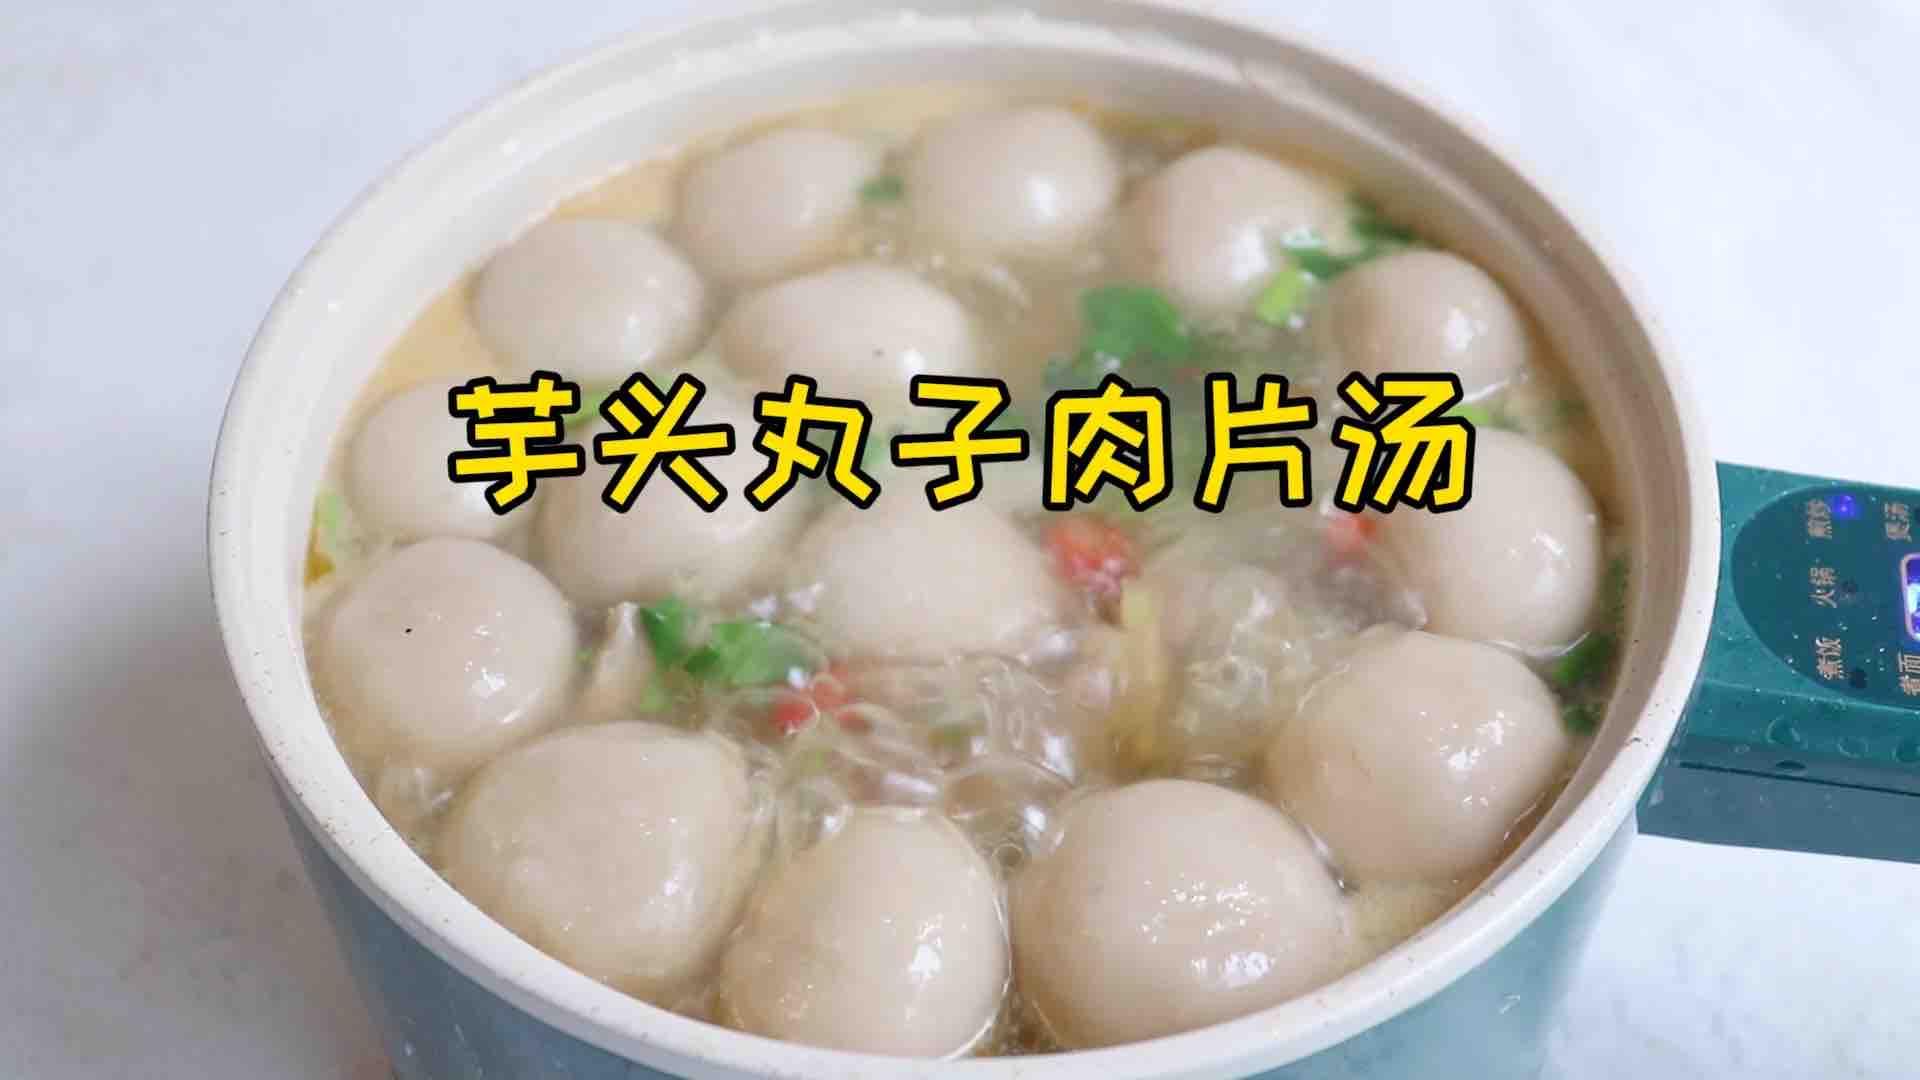 芋头丸子肉片汤